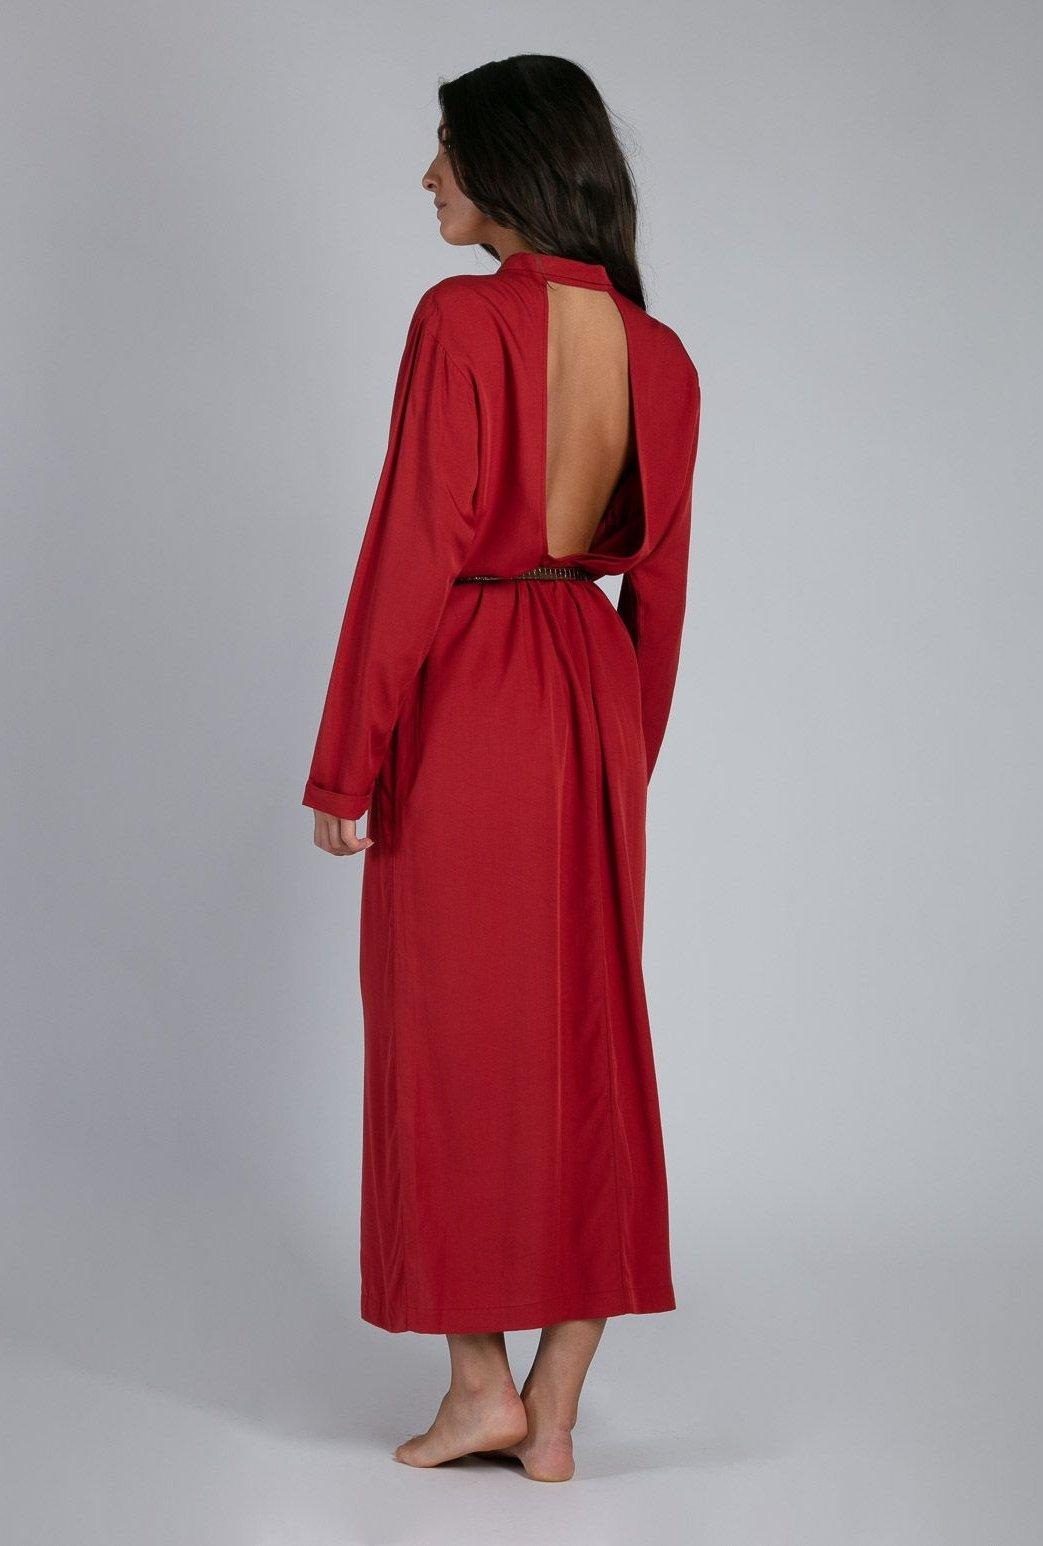 Robe longue Cocker velvet red